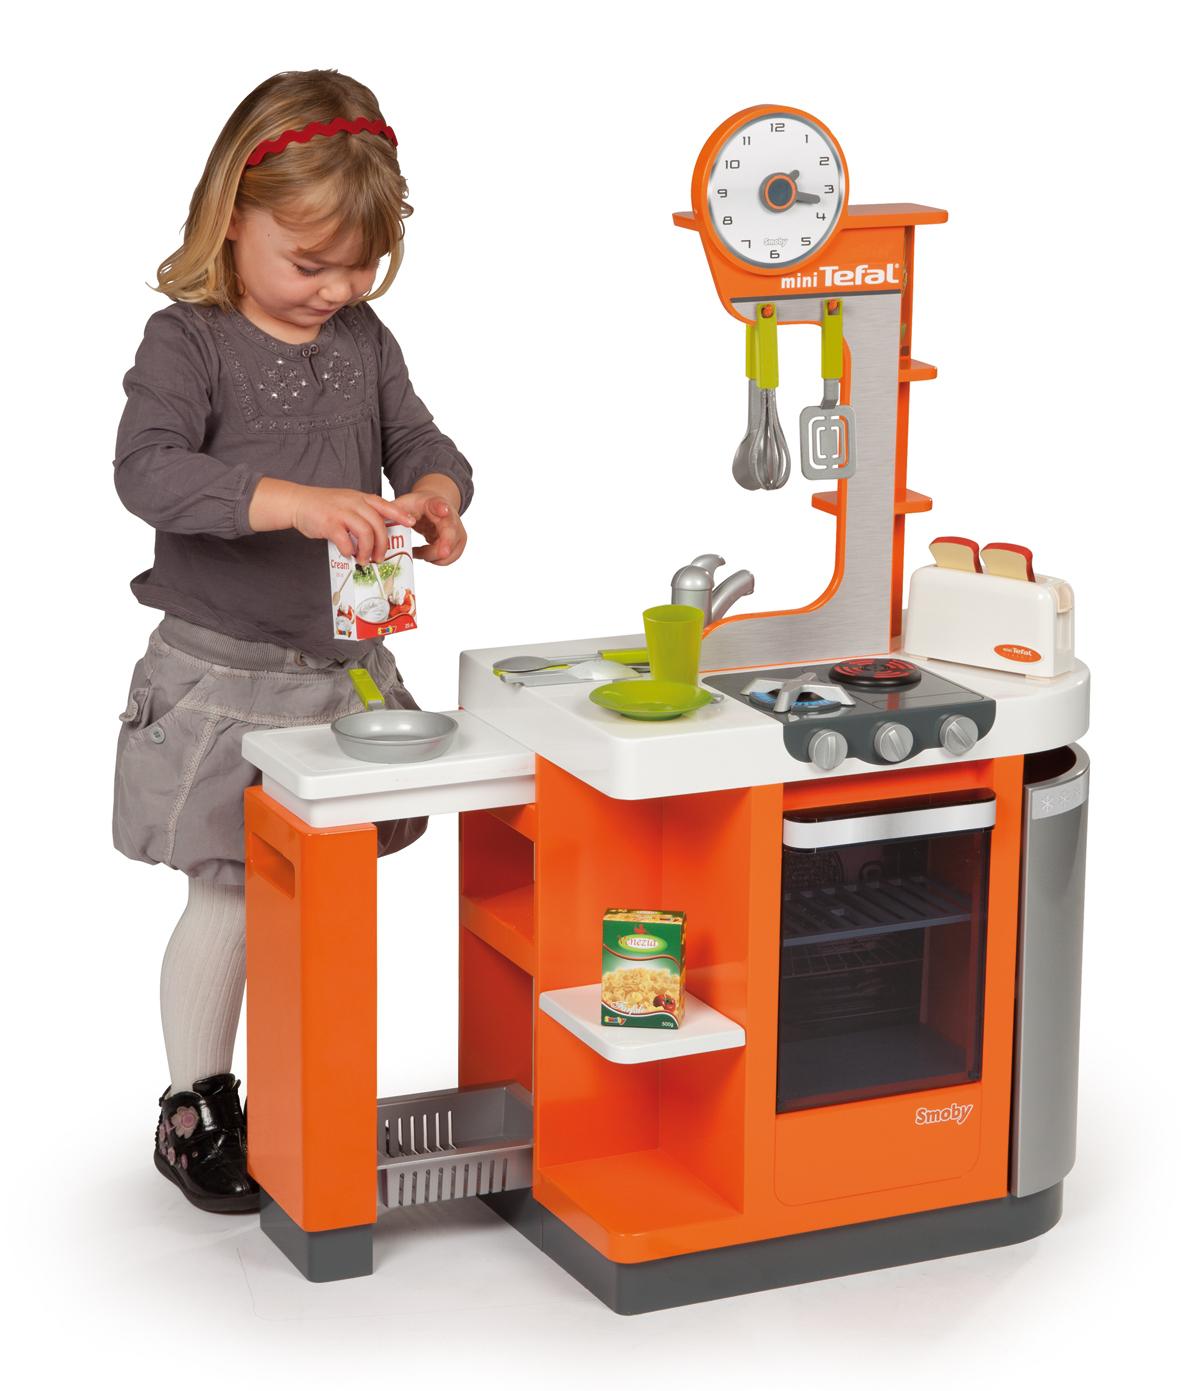 девочка и игрушечная кухня